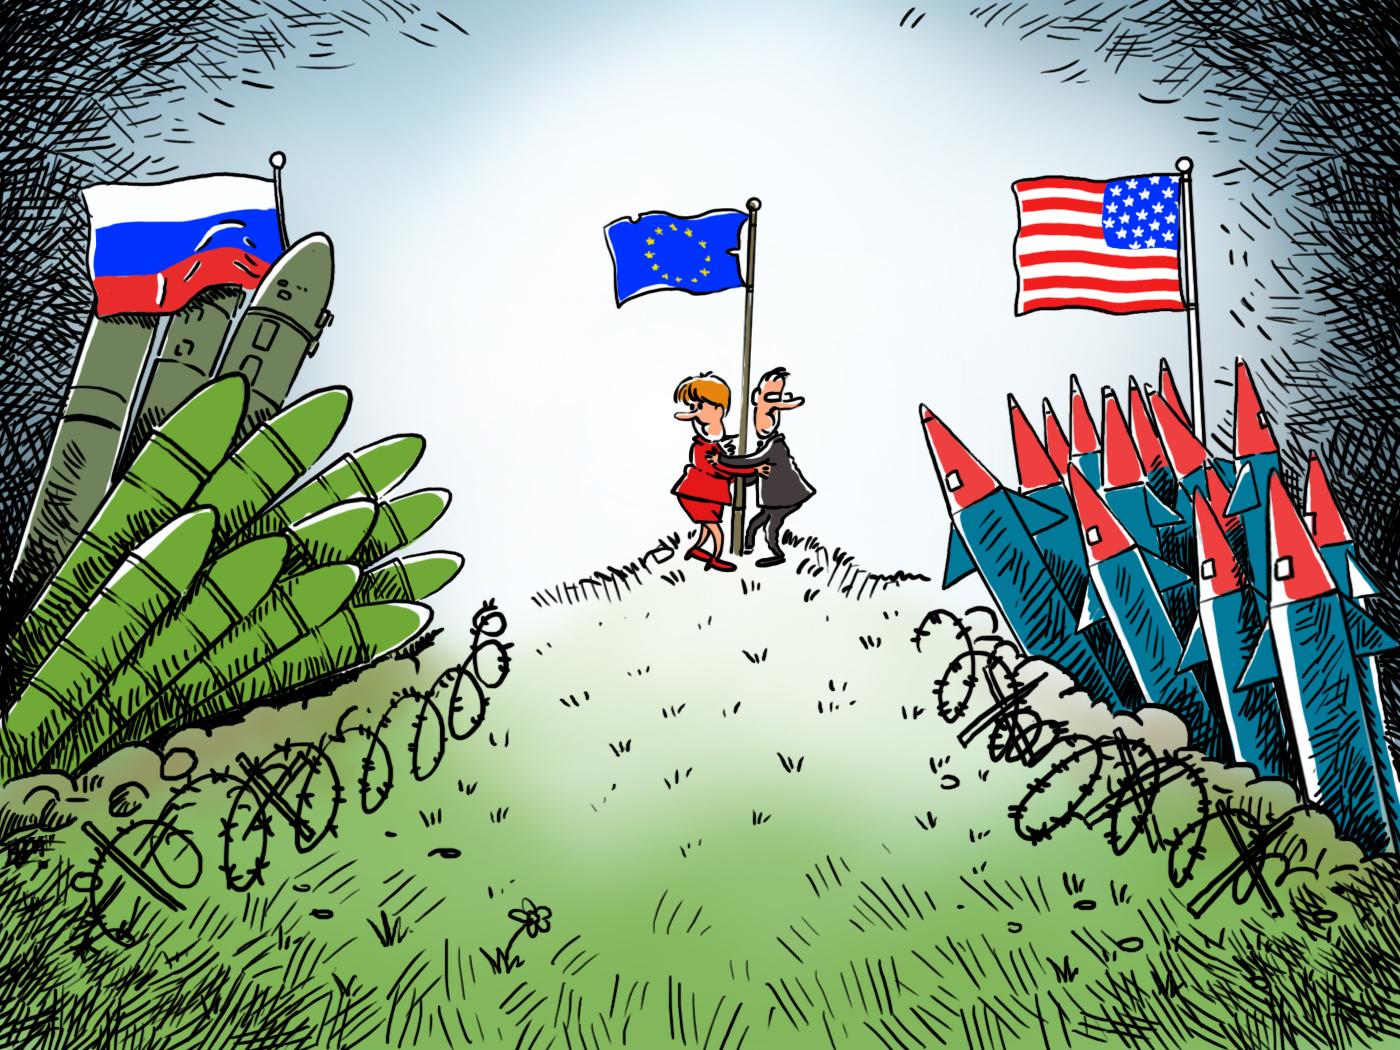 Прекратяването на действието на ДЛРСМО на първо място ще удари именно по руската сигурност. При такъв сценарий САЩ ще получат възможност да върнат своите ракети със среден и малък обсег в Европа.